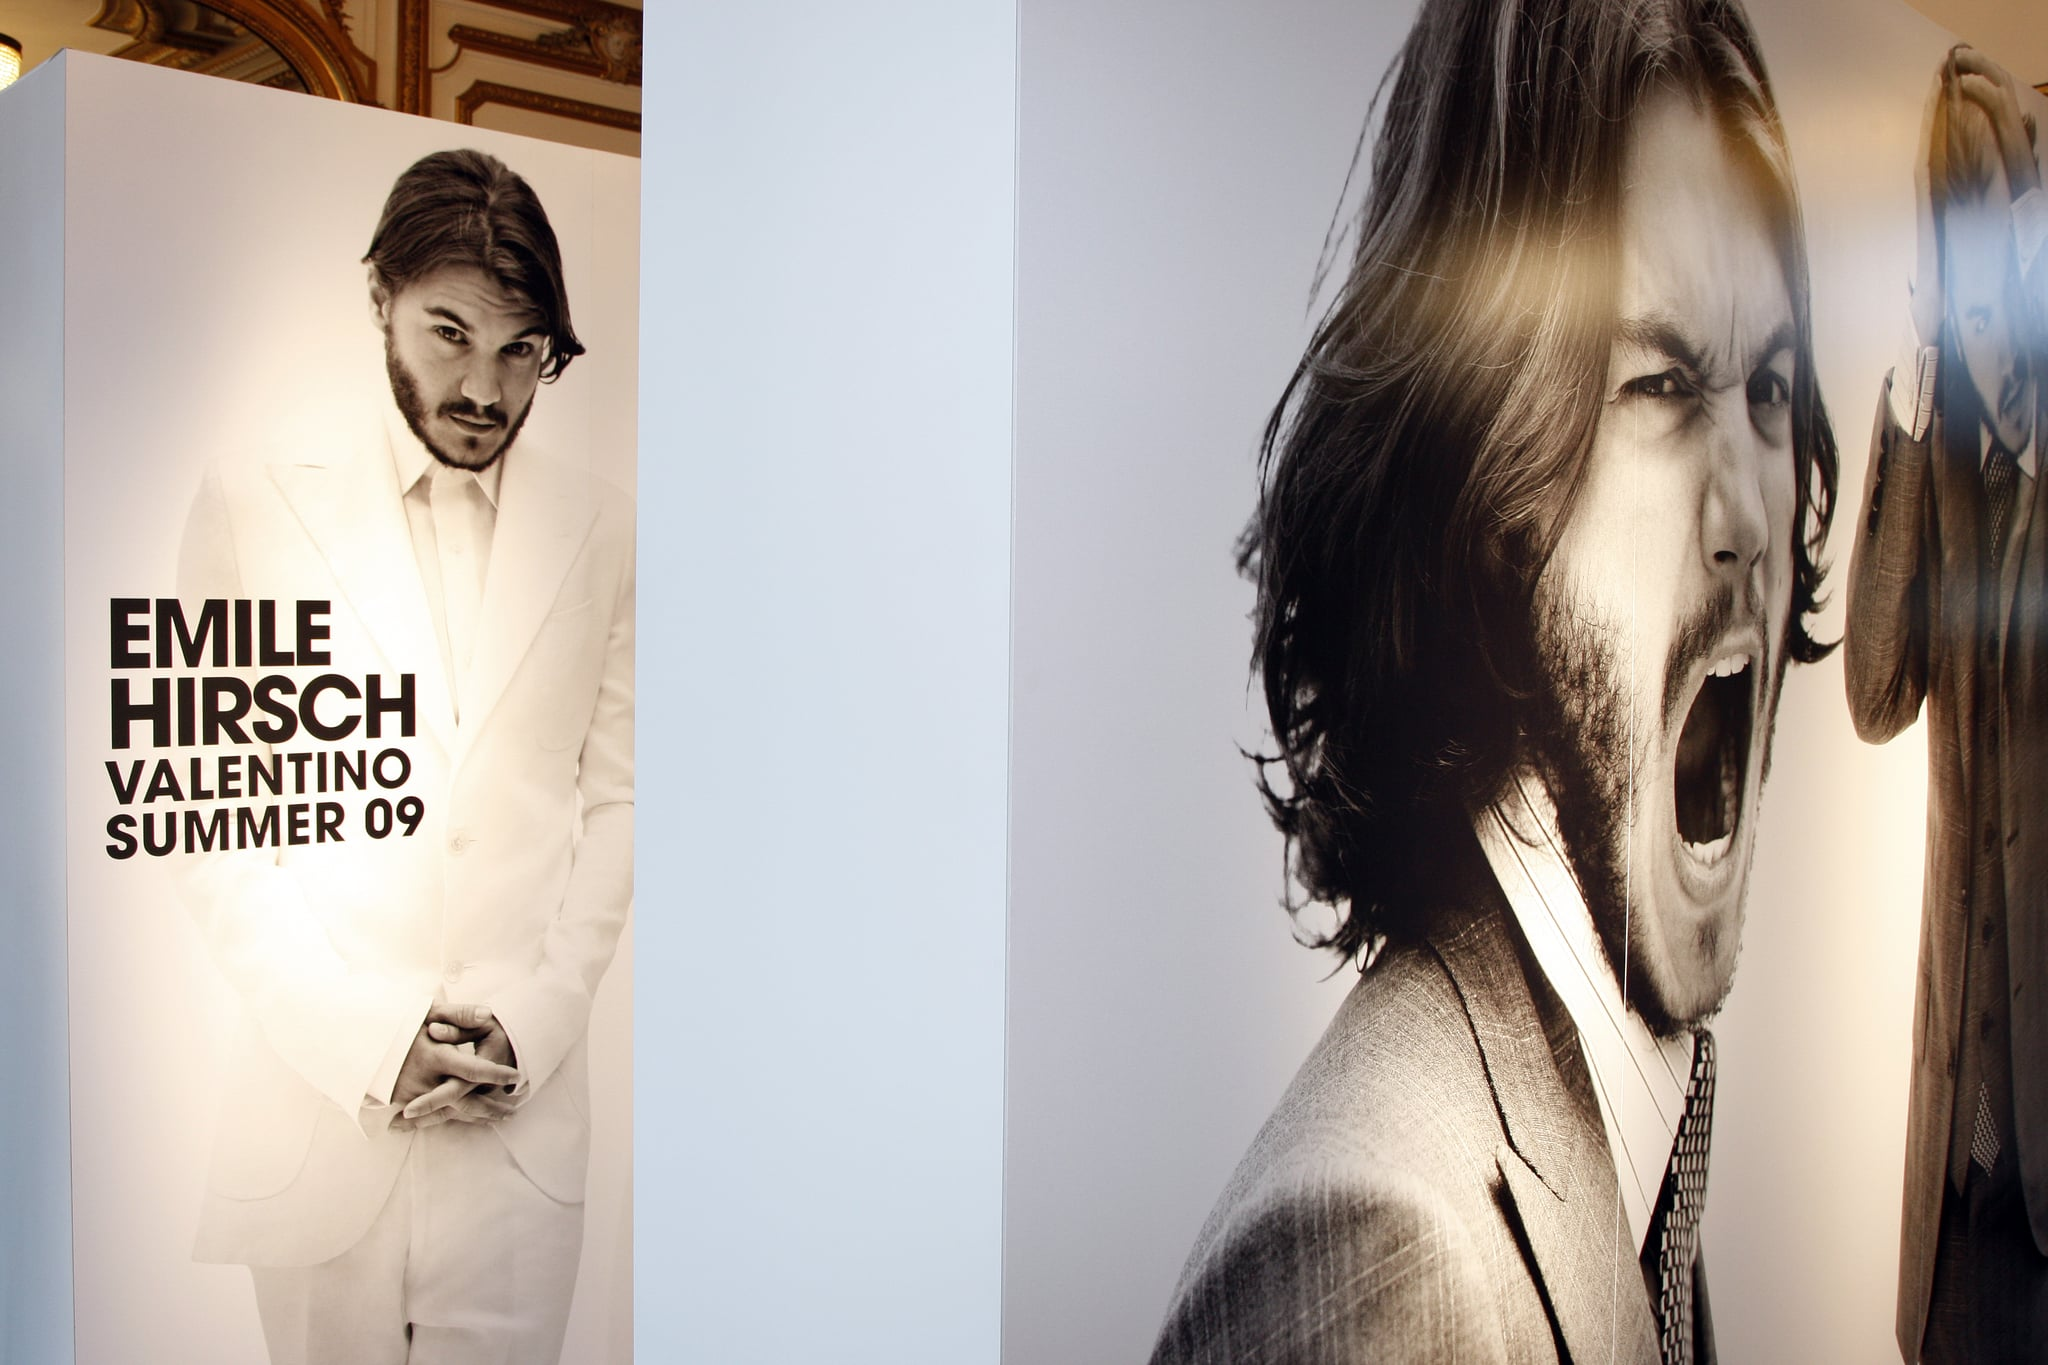 Emile Hirsch, Valentino Man: Hottie or Nottie?